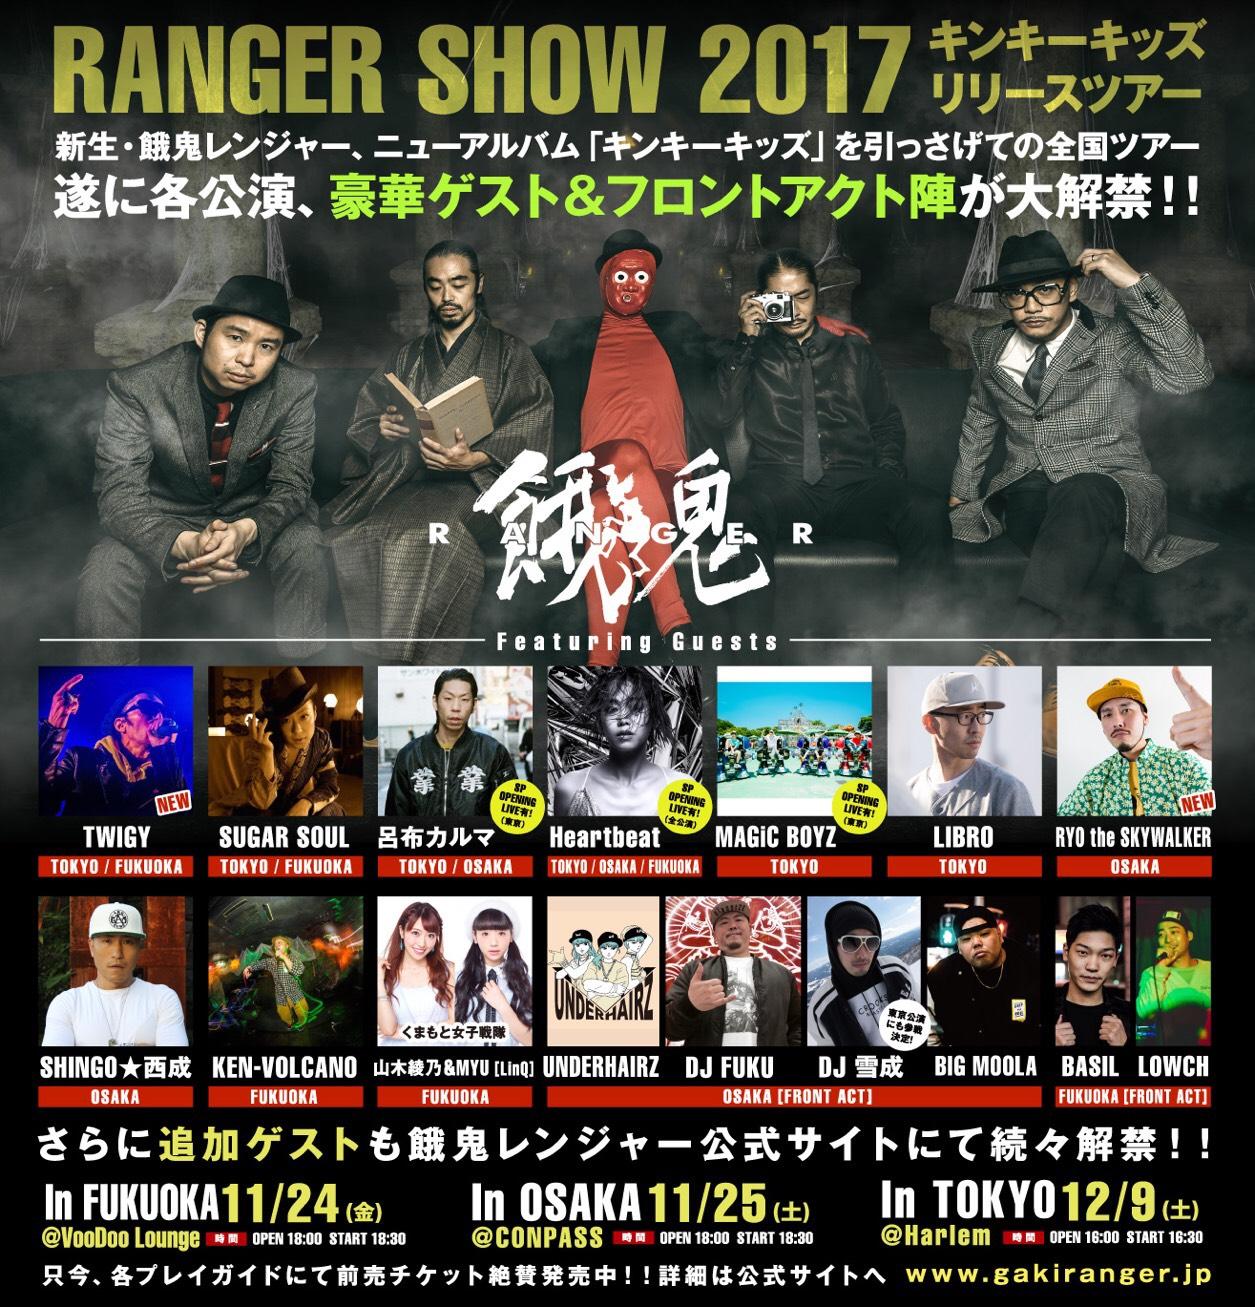 http://jcctokyo.com/news/RangerShow2017_9.jpg